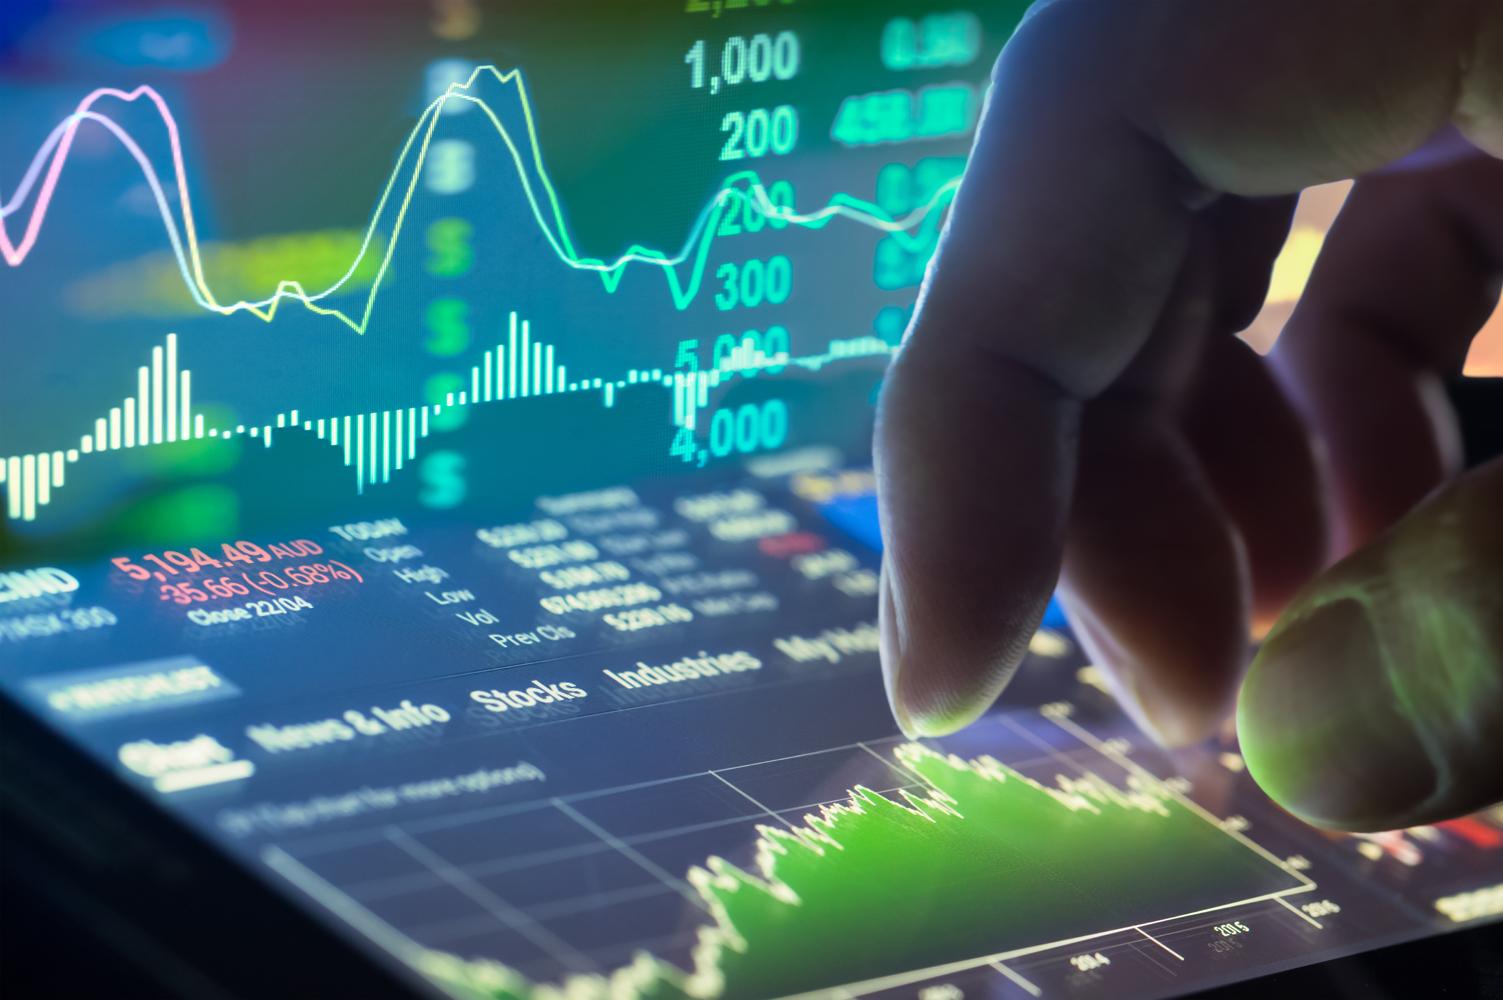 Bani pe net 2019| Cu olymp trade| 50$ în 10 minute,strategie profitabilă.